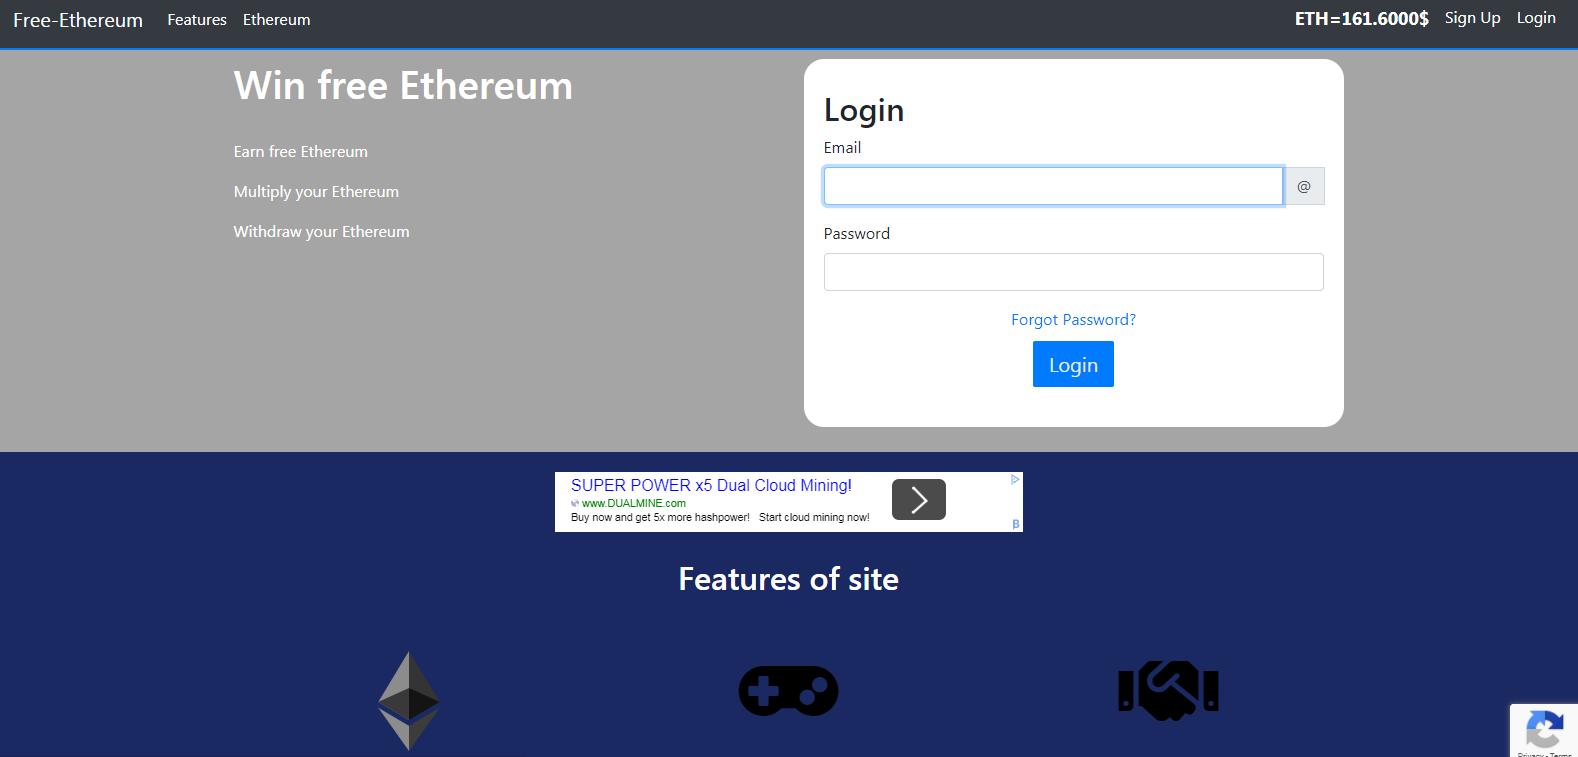 کسب اتریوم رایگان از وبسایت free-ethereum